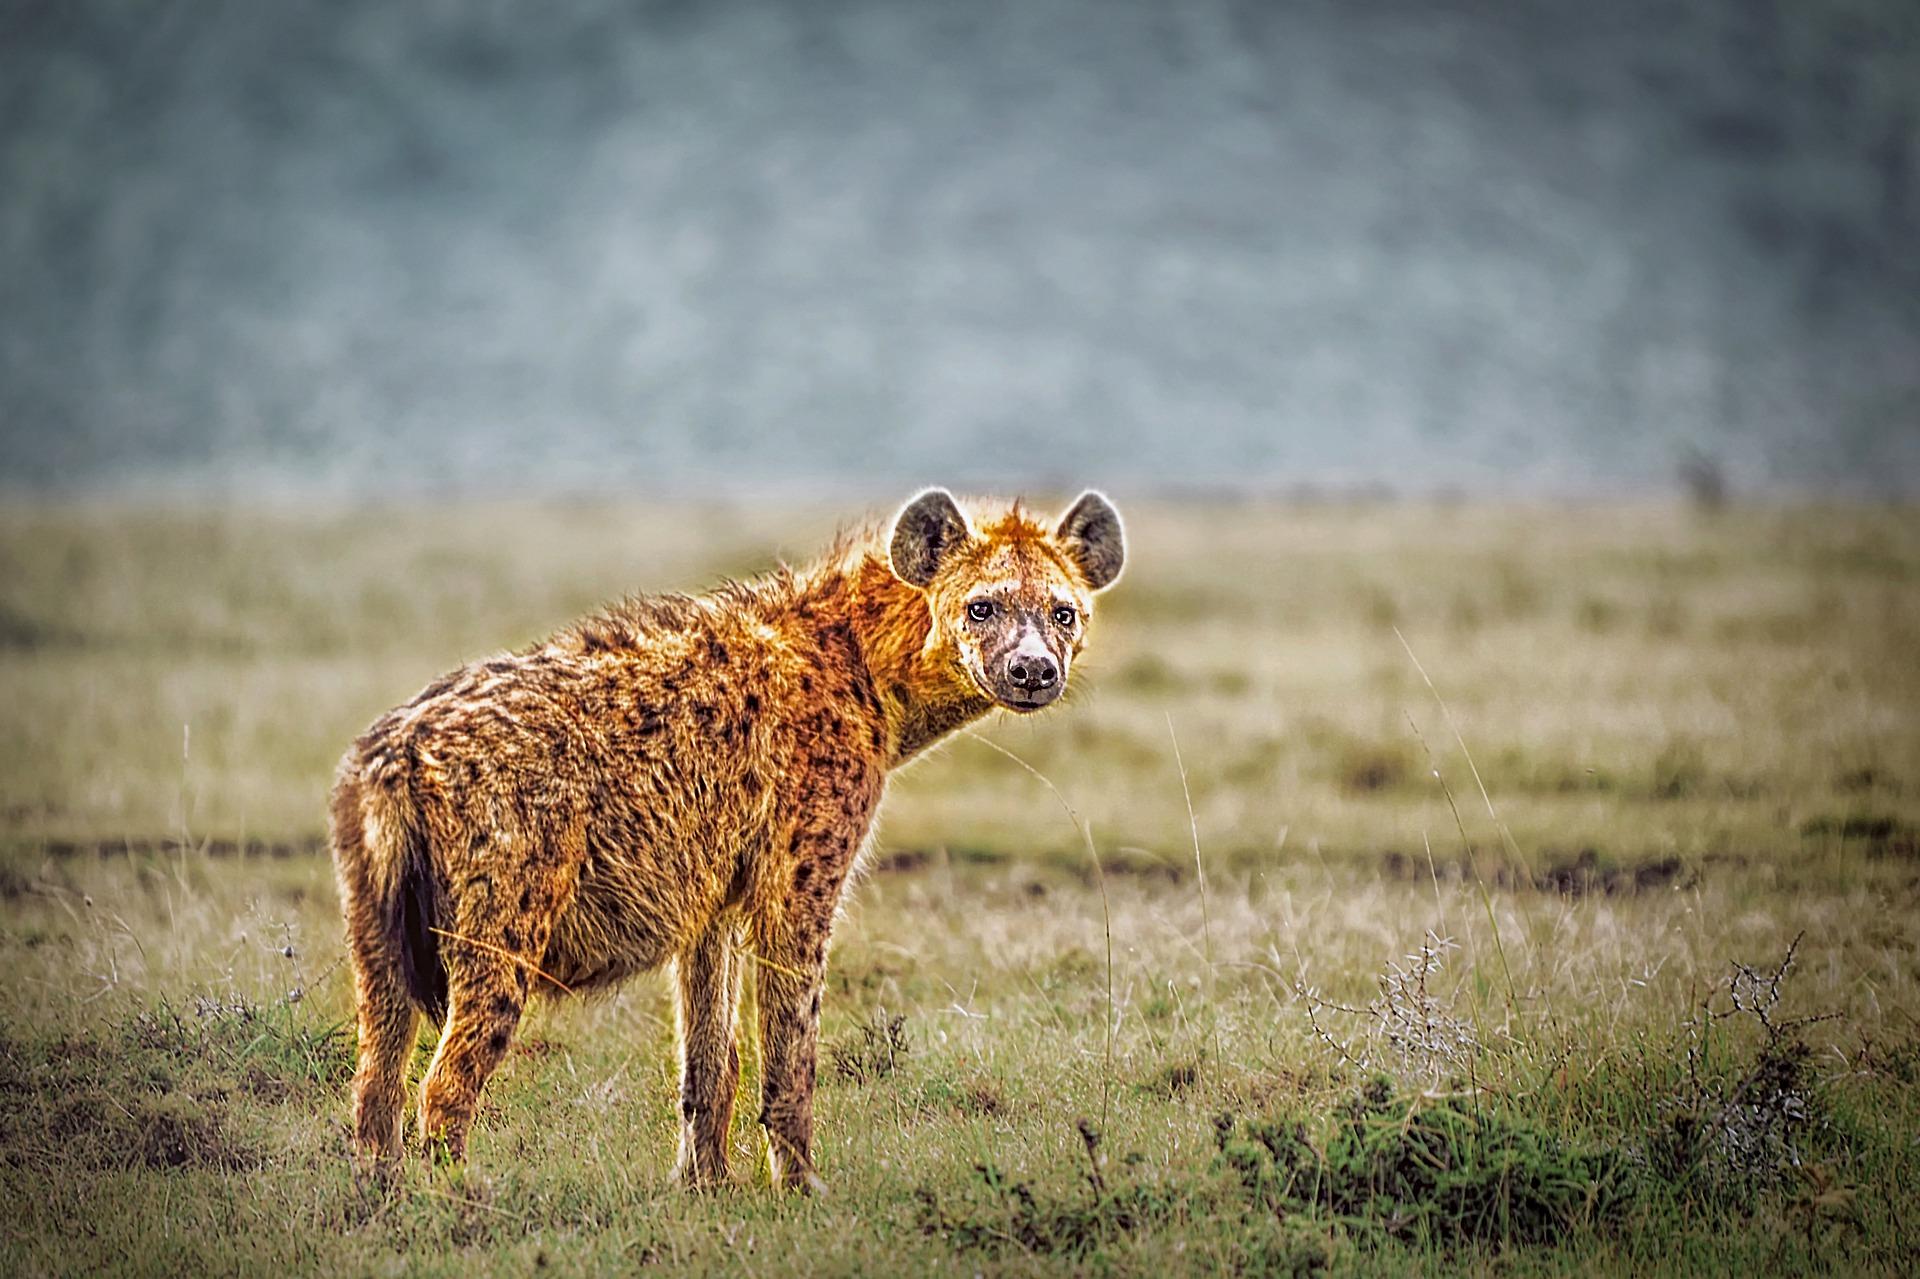 Tüpfelhyäne - hyena